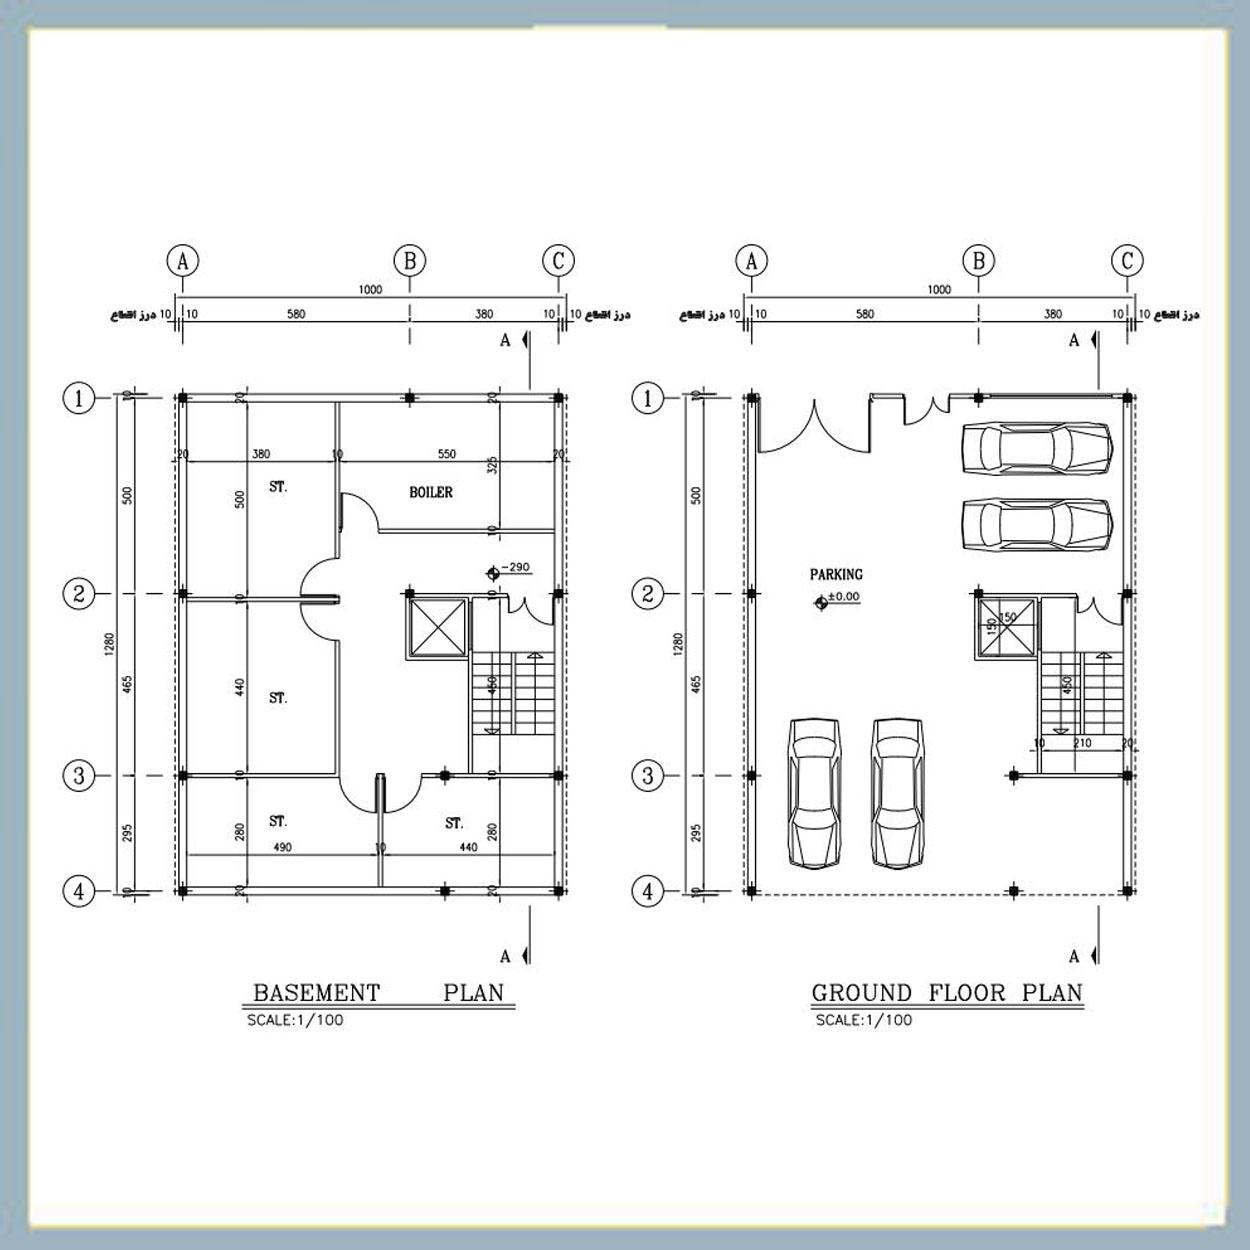 نقشه داخلی ساختمان 90 متری نقشه معماری 13*10 جنوبی | پلان یاب مارکت